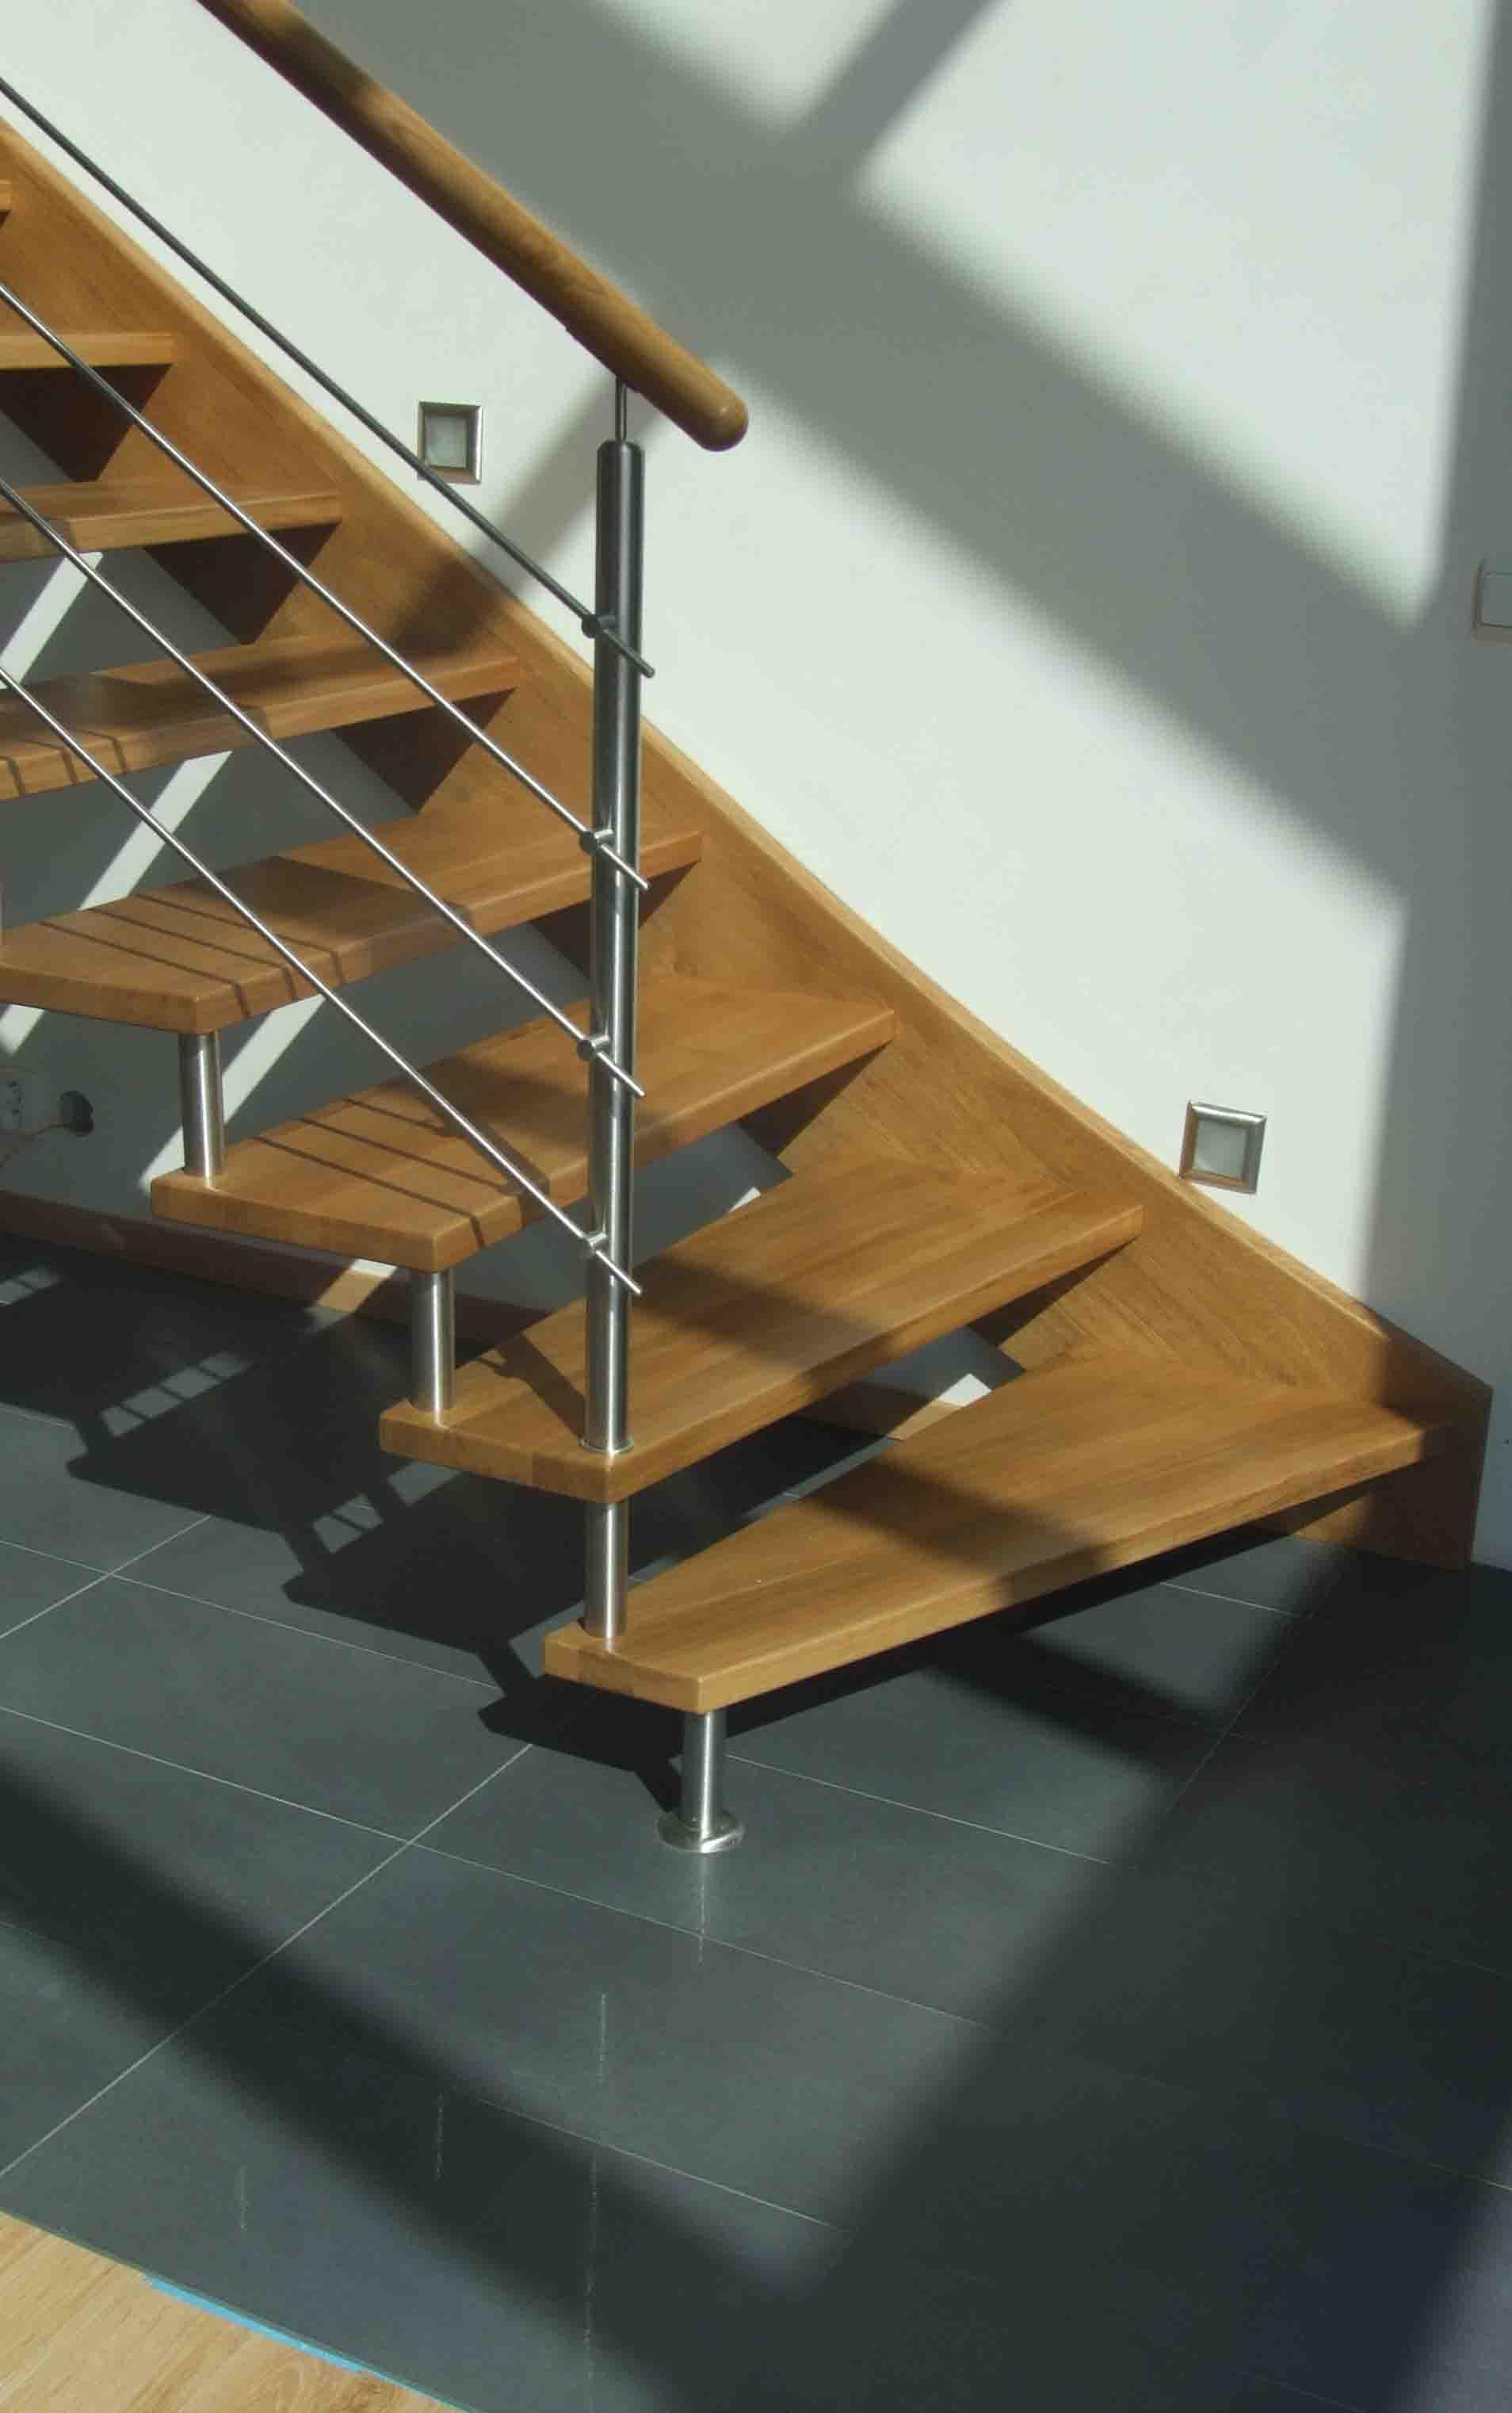 schody valassko celodrevene